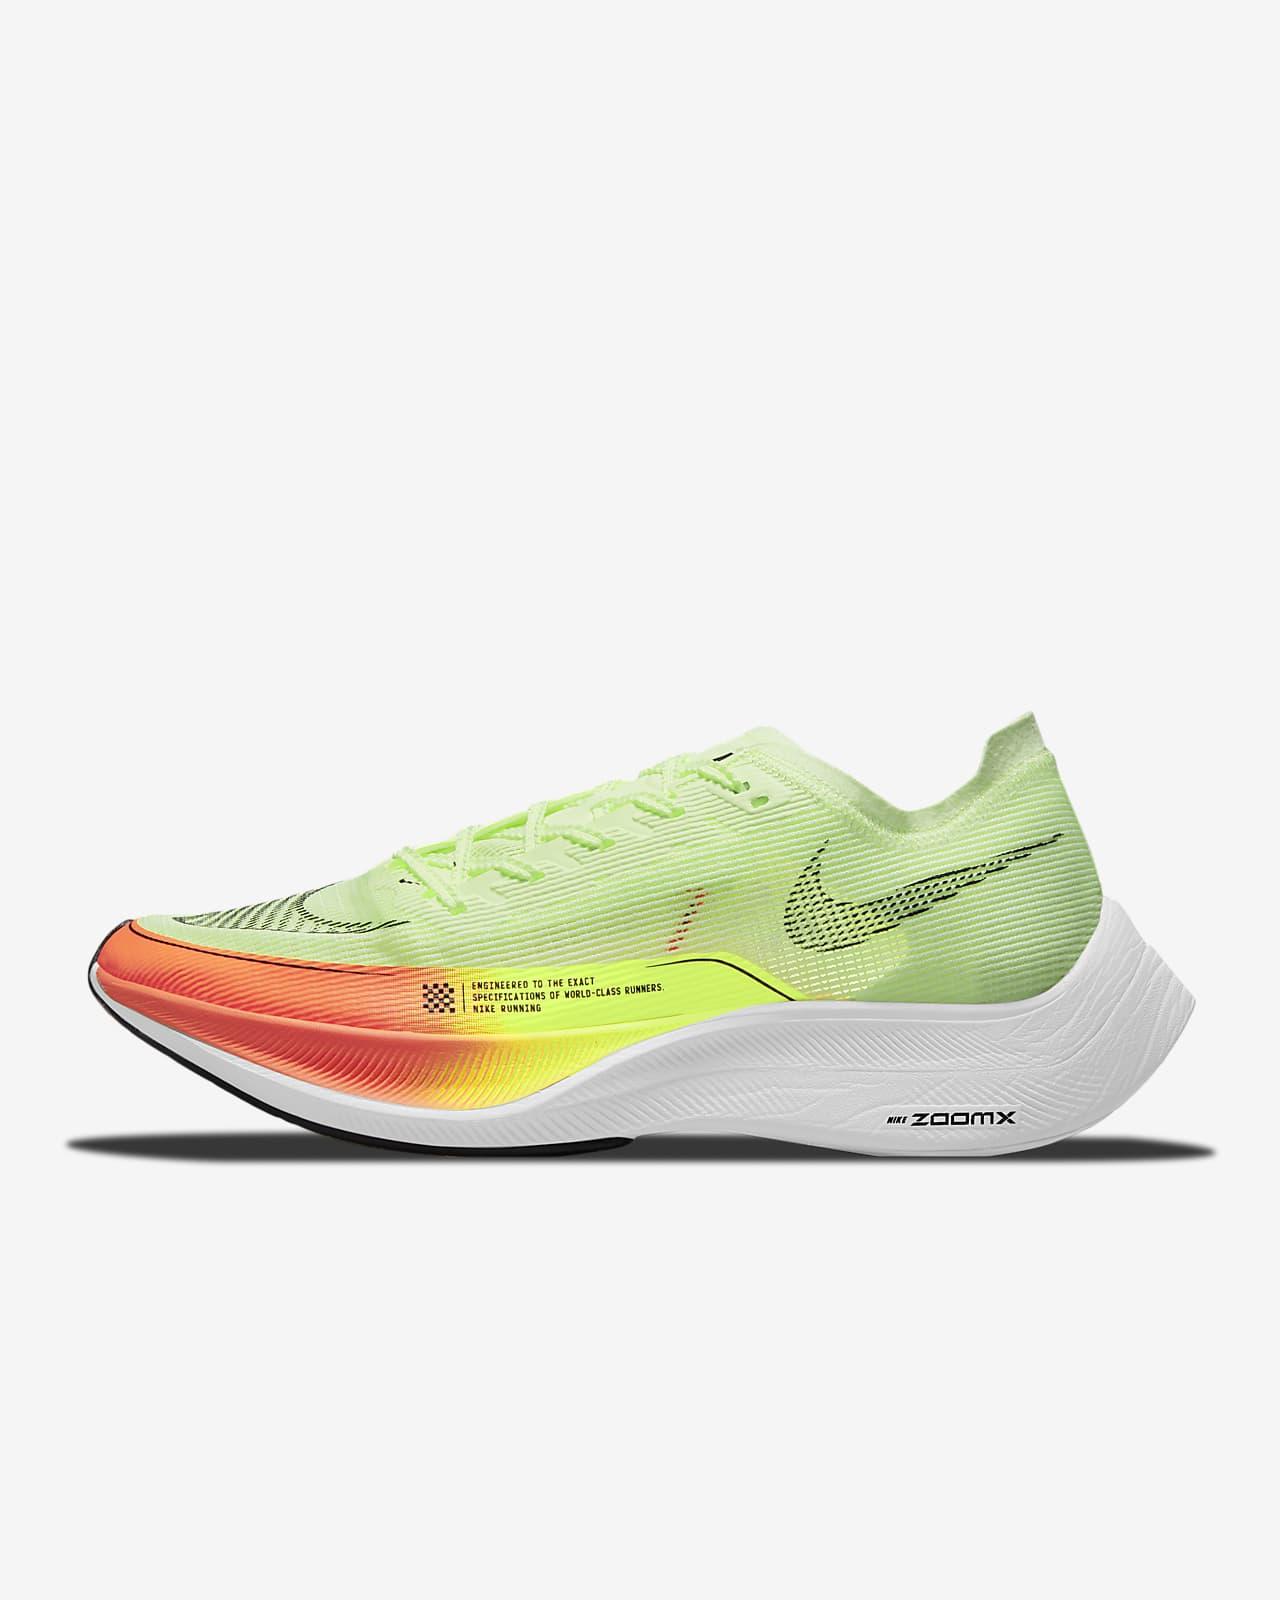 Męskie buty startowe do biegania po asfalcie Nike ZoomX Vaporfly Next% 2